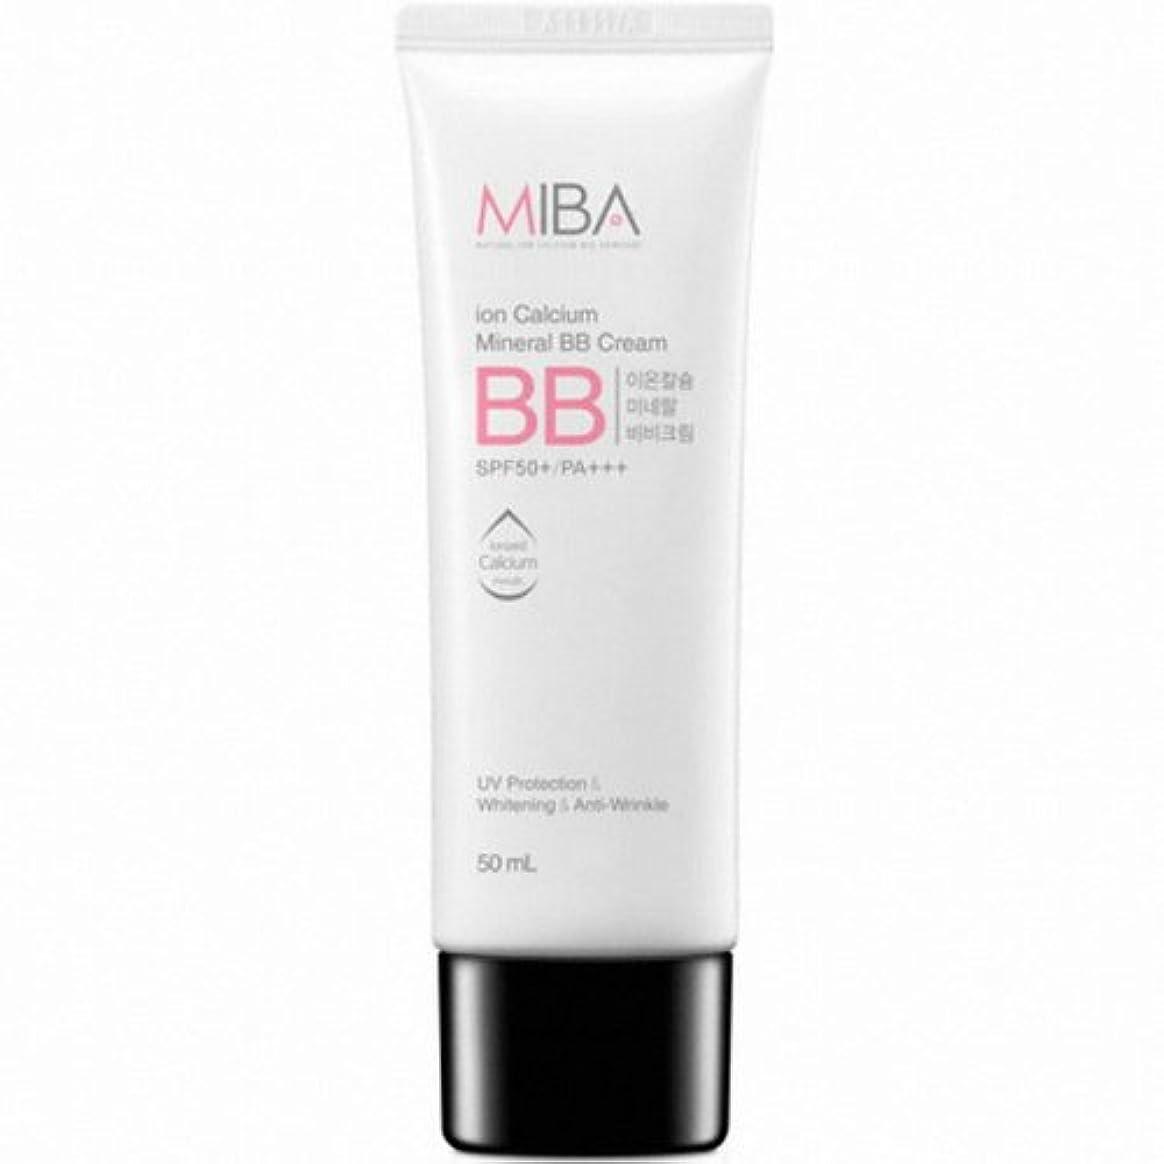 クレア悪質な第九MINERALBIO (ミネラルバイオ) ミバ イオン カルシウム ミネラル ビビクリーム / MIBA Ion Calcium Mineral BB Cream (50ml) [並行輸入品]